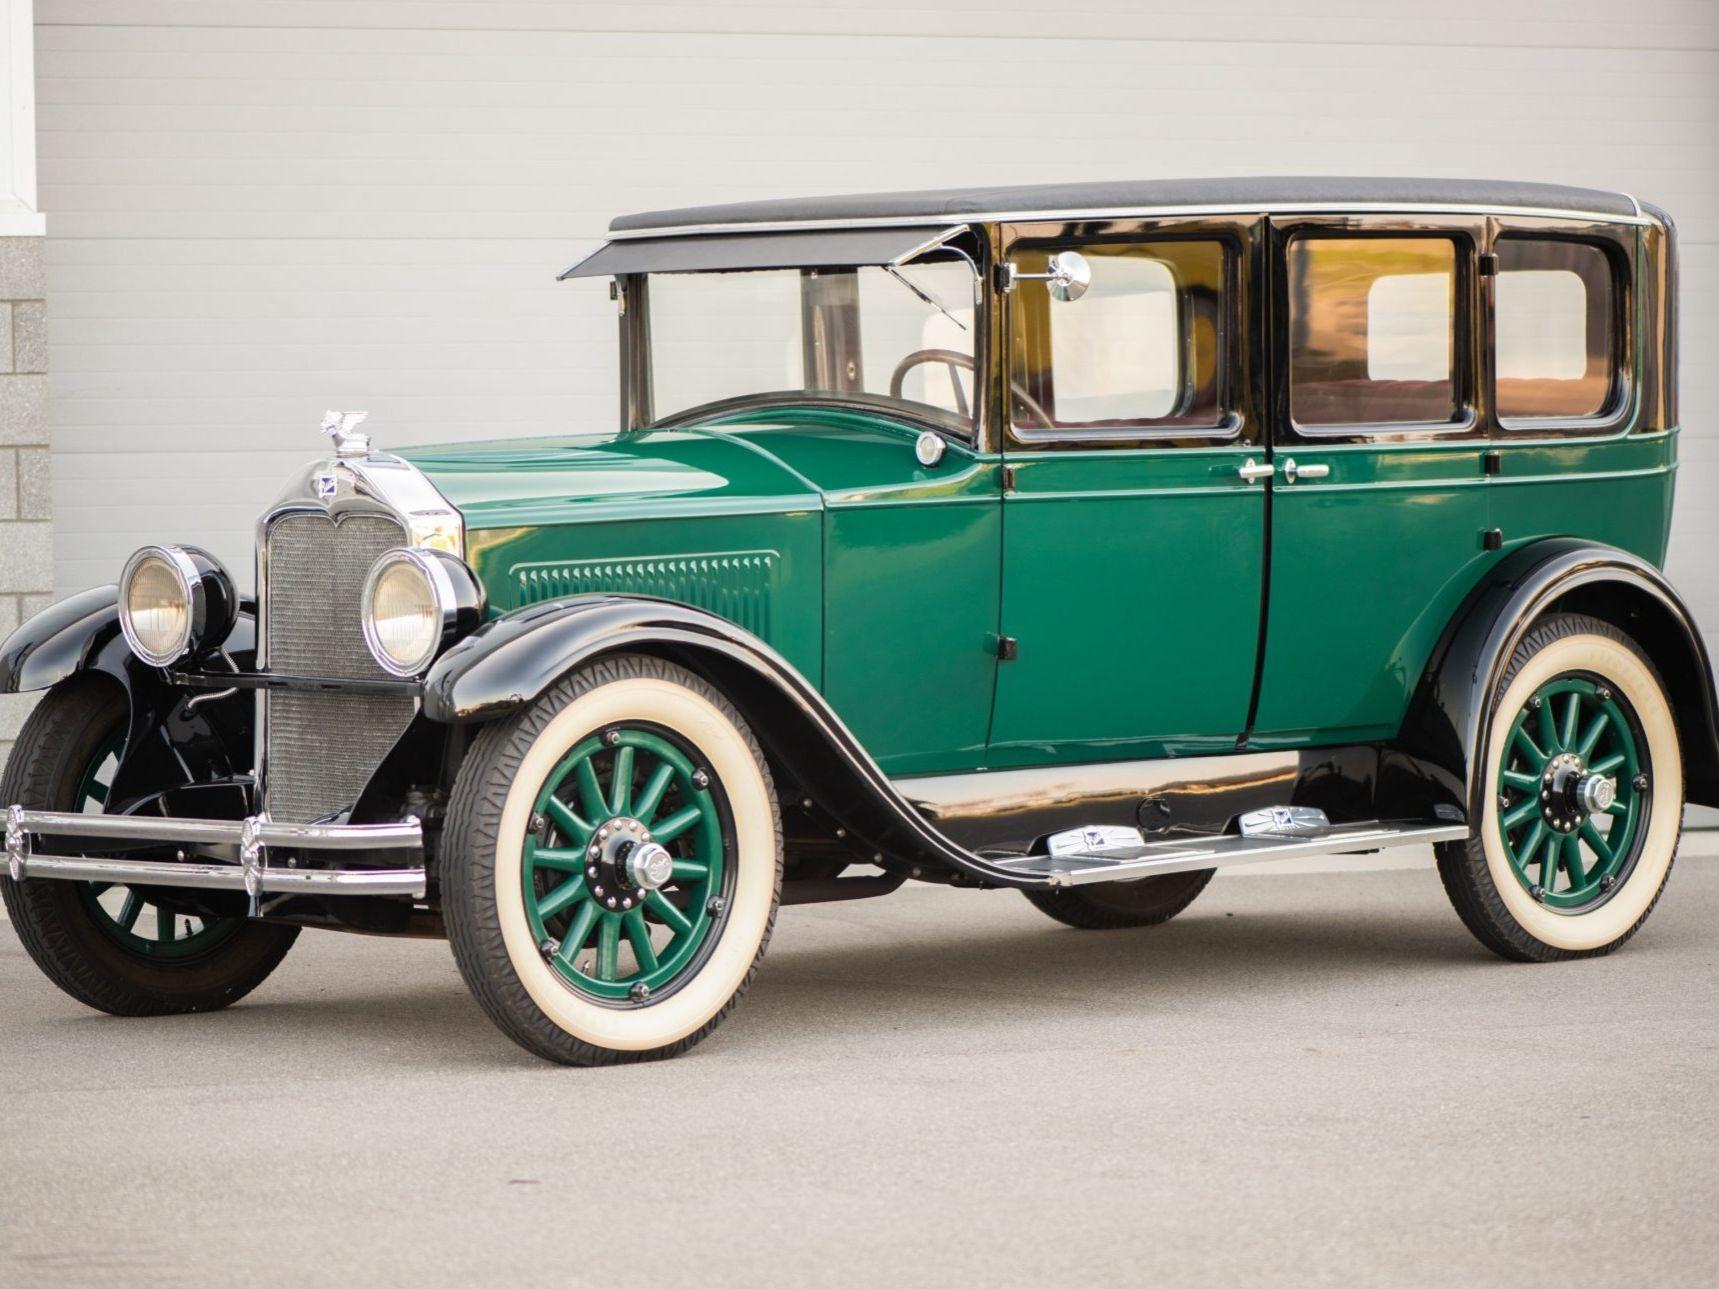 1928 Buick Standard Six Model 27 Sedan